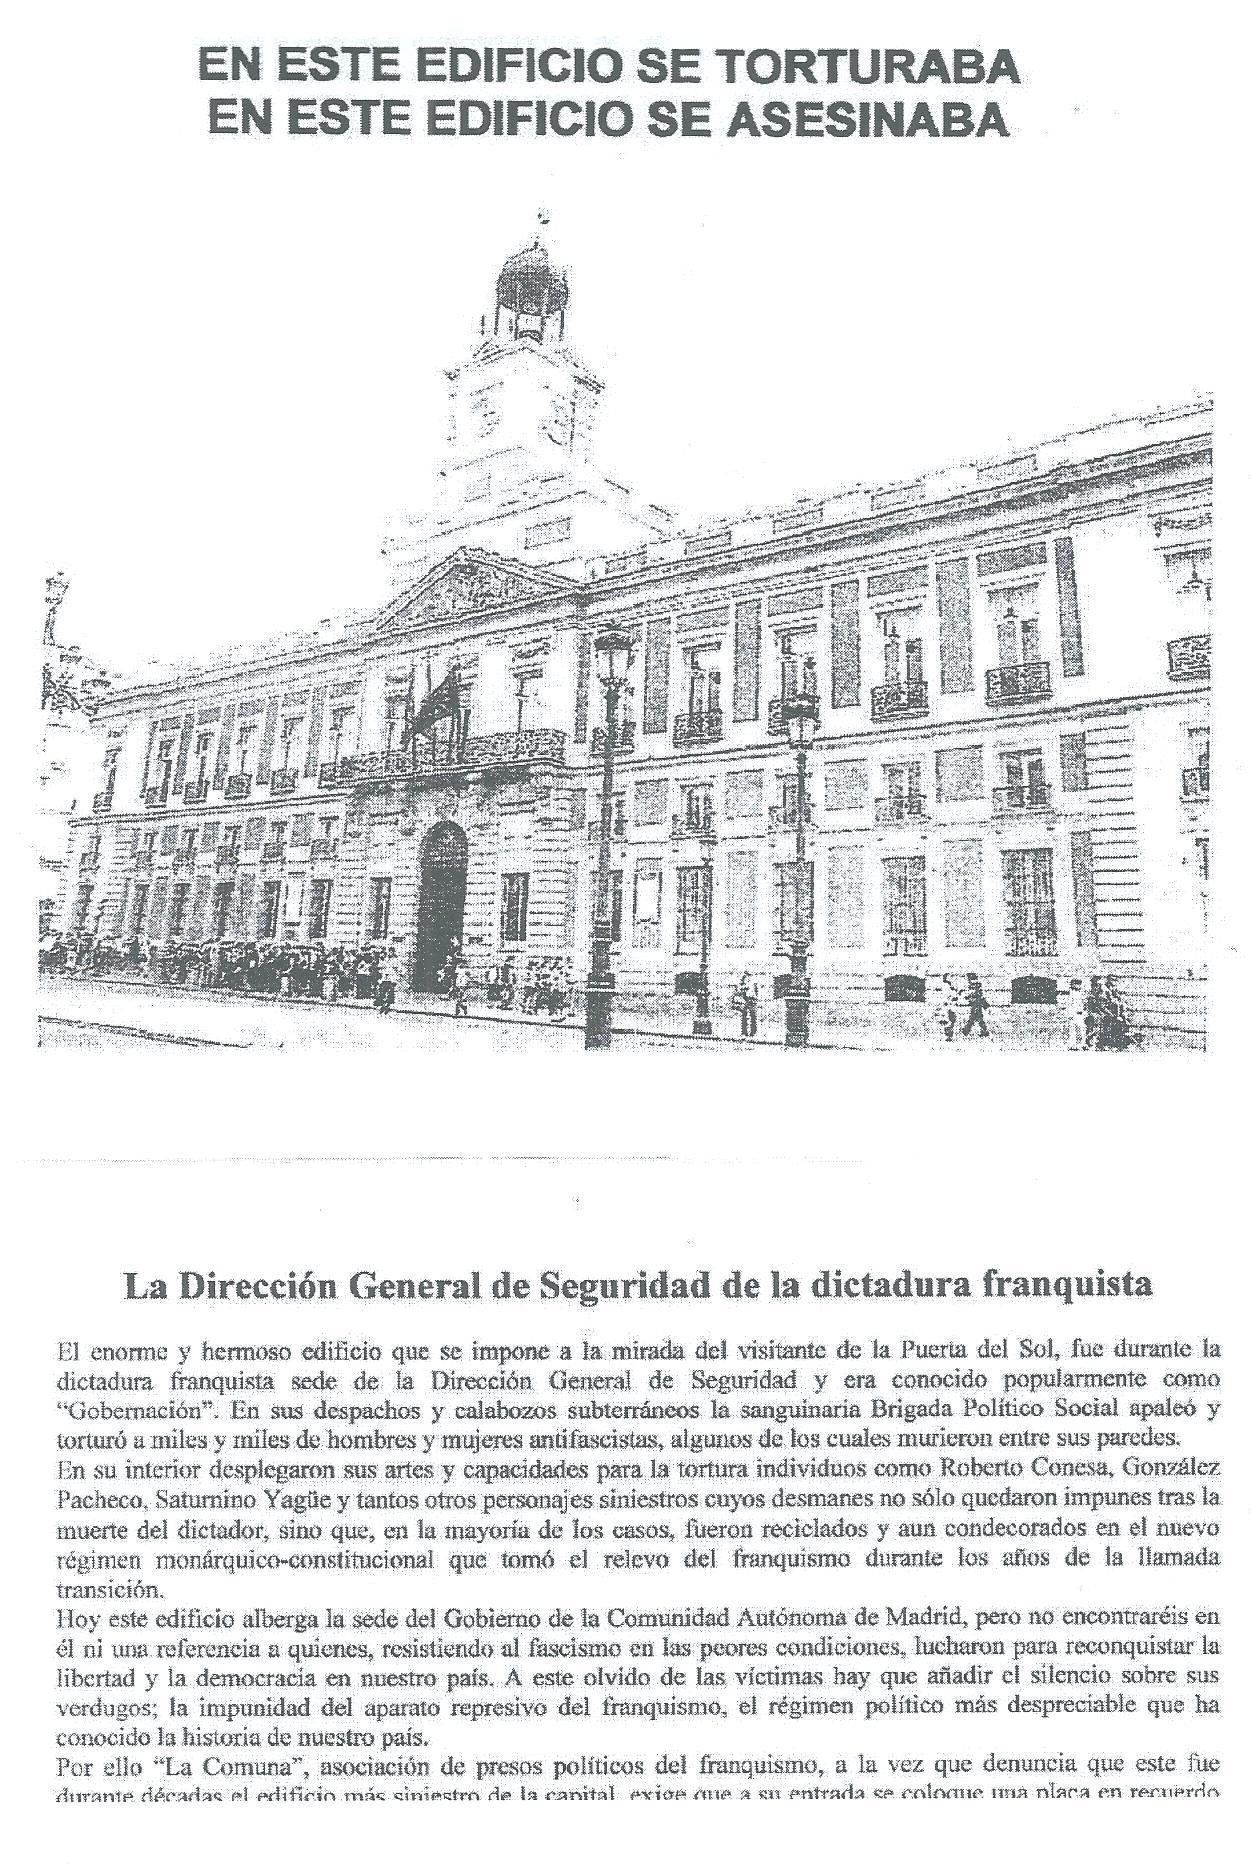 Comunicado de La Comuna. Asociación de presos políticos del franquismo.